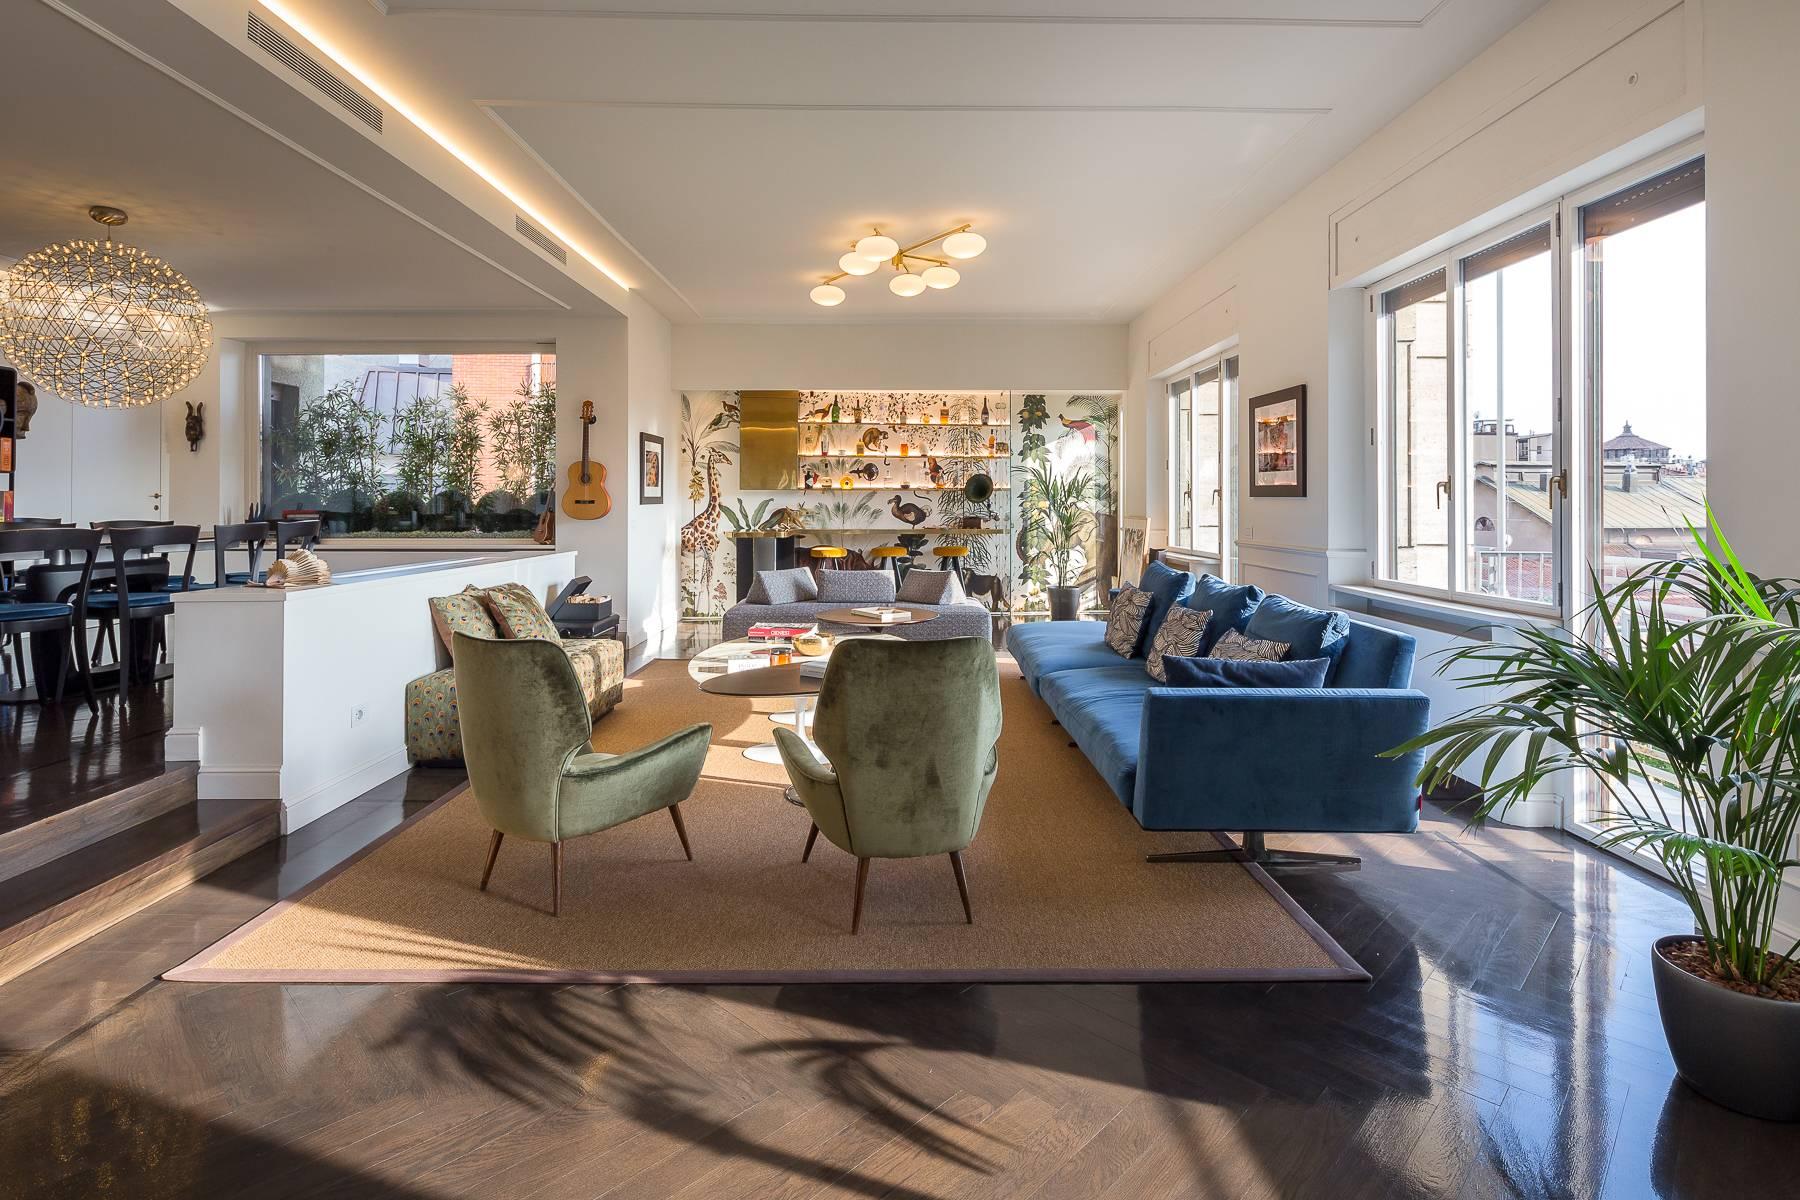 Appartamento in Vendita a Milano 02 Brera / Volta / Repubblica: 4 locali, 190 mq